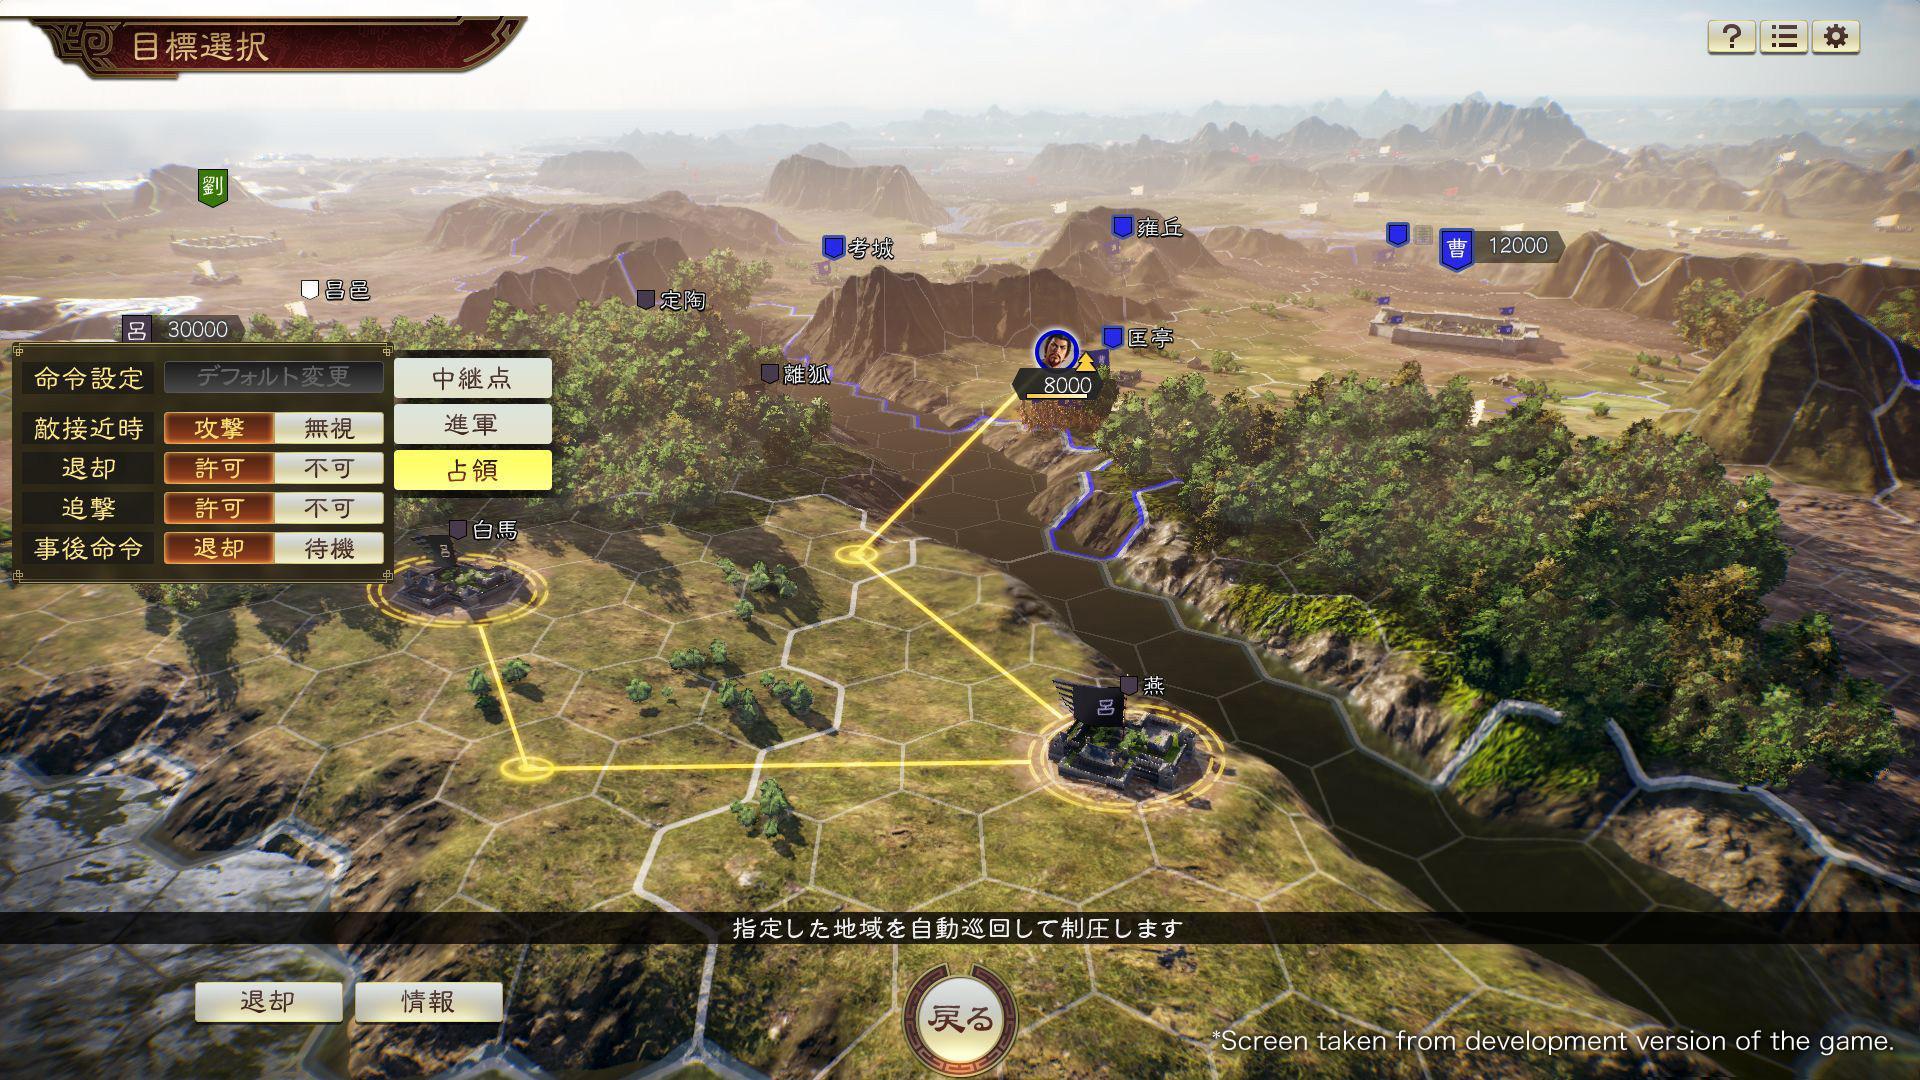 光荣战略大作《三国志14》免费试玩版Steam登场